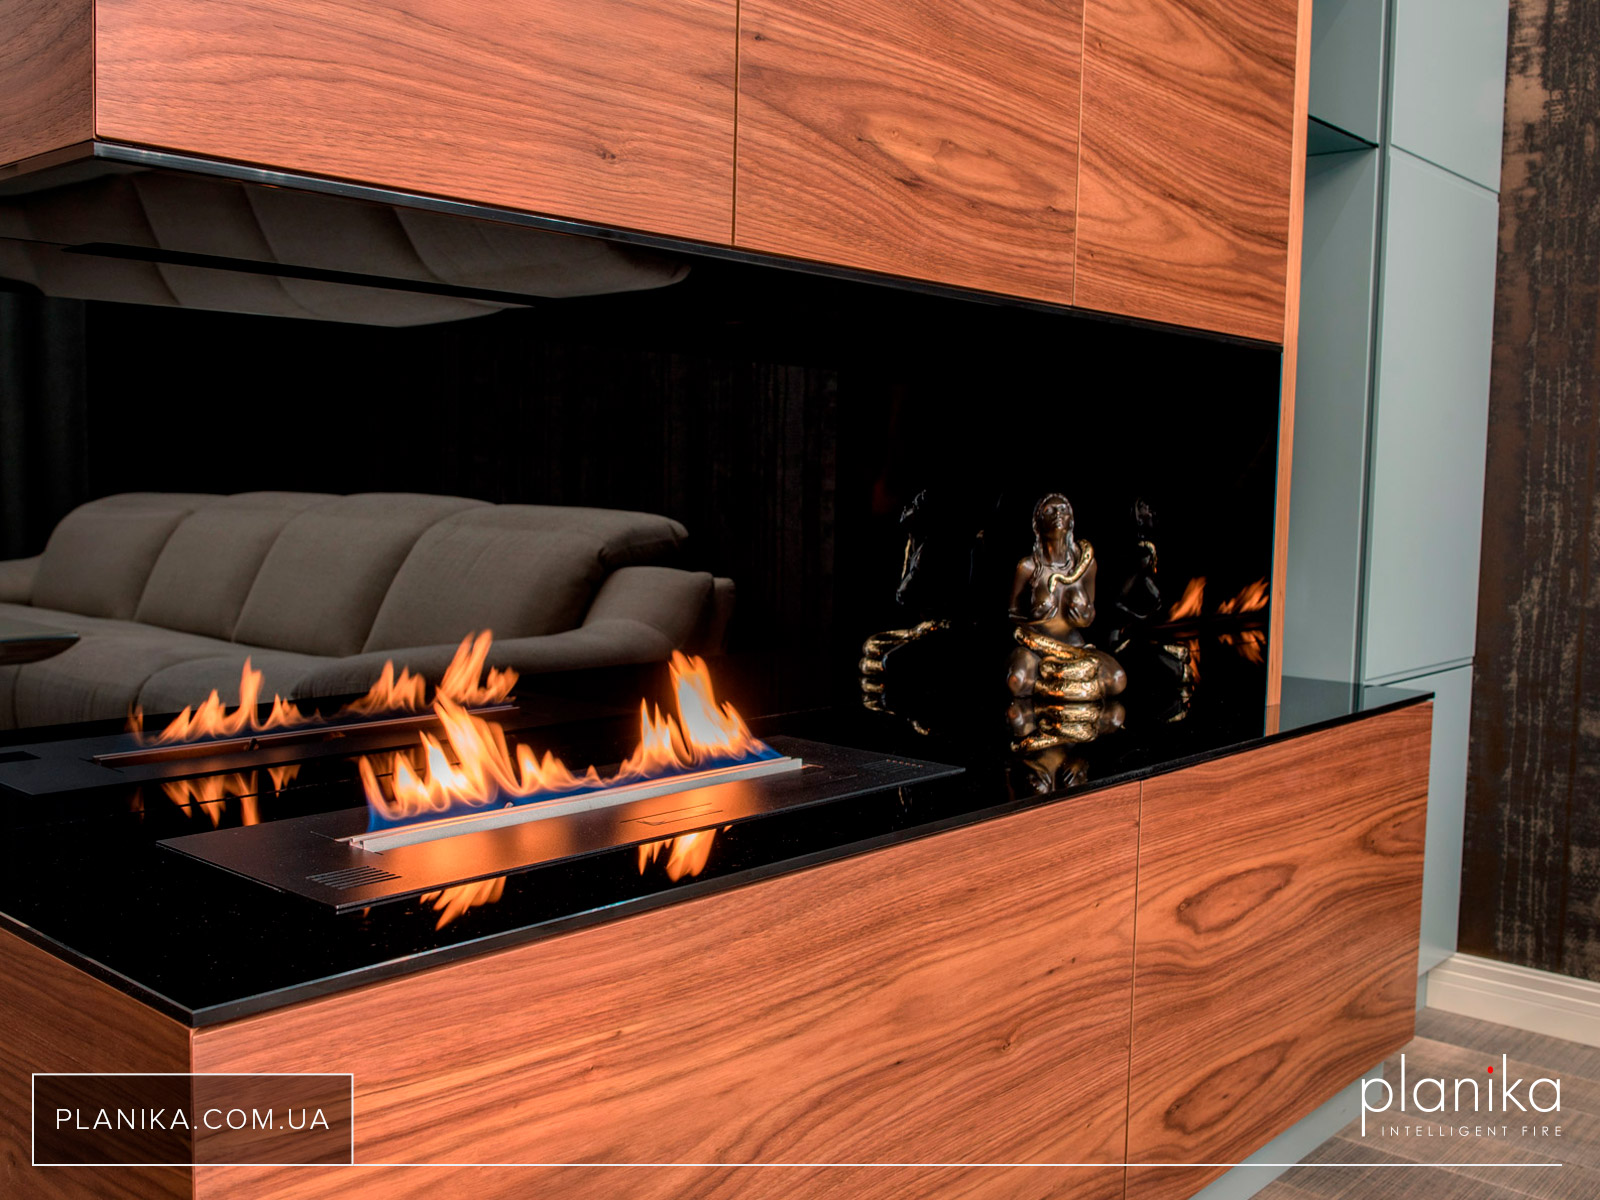 Интеллектуальный биокамин Planika Primefire встроенный в мебель